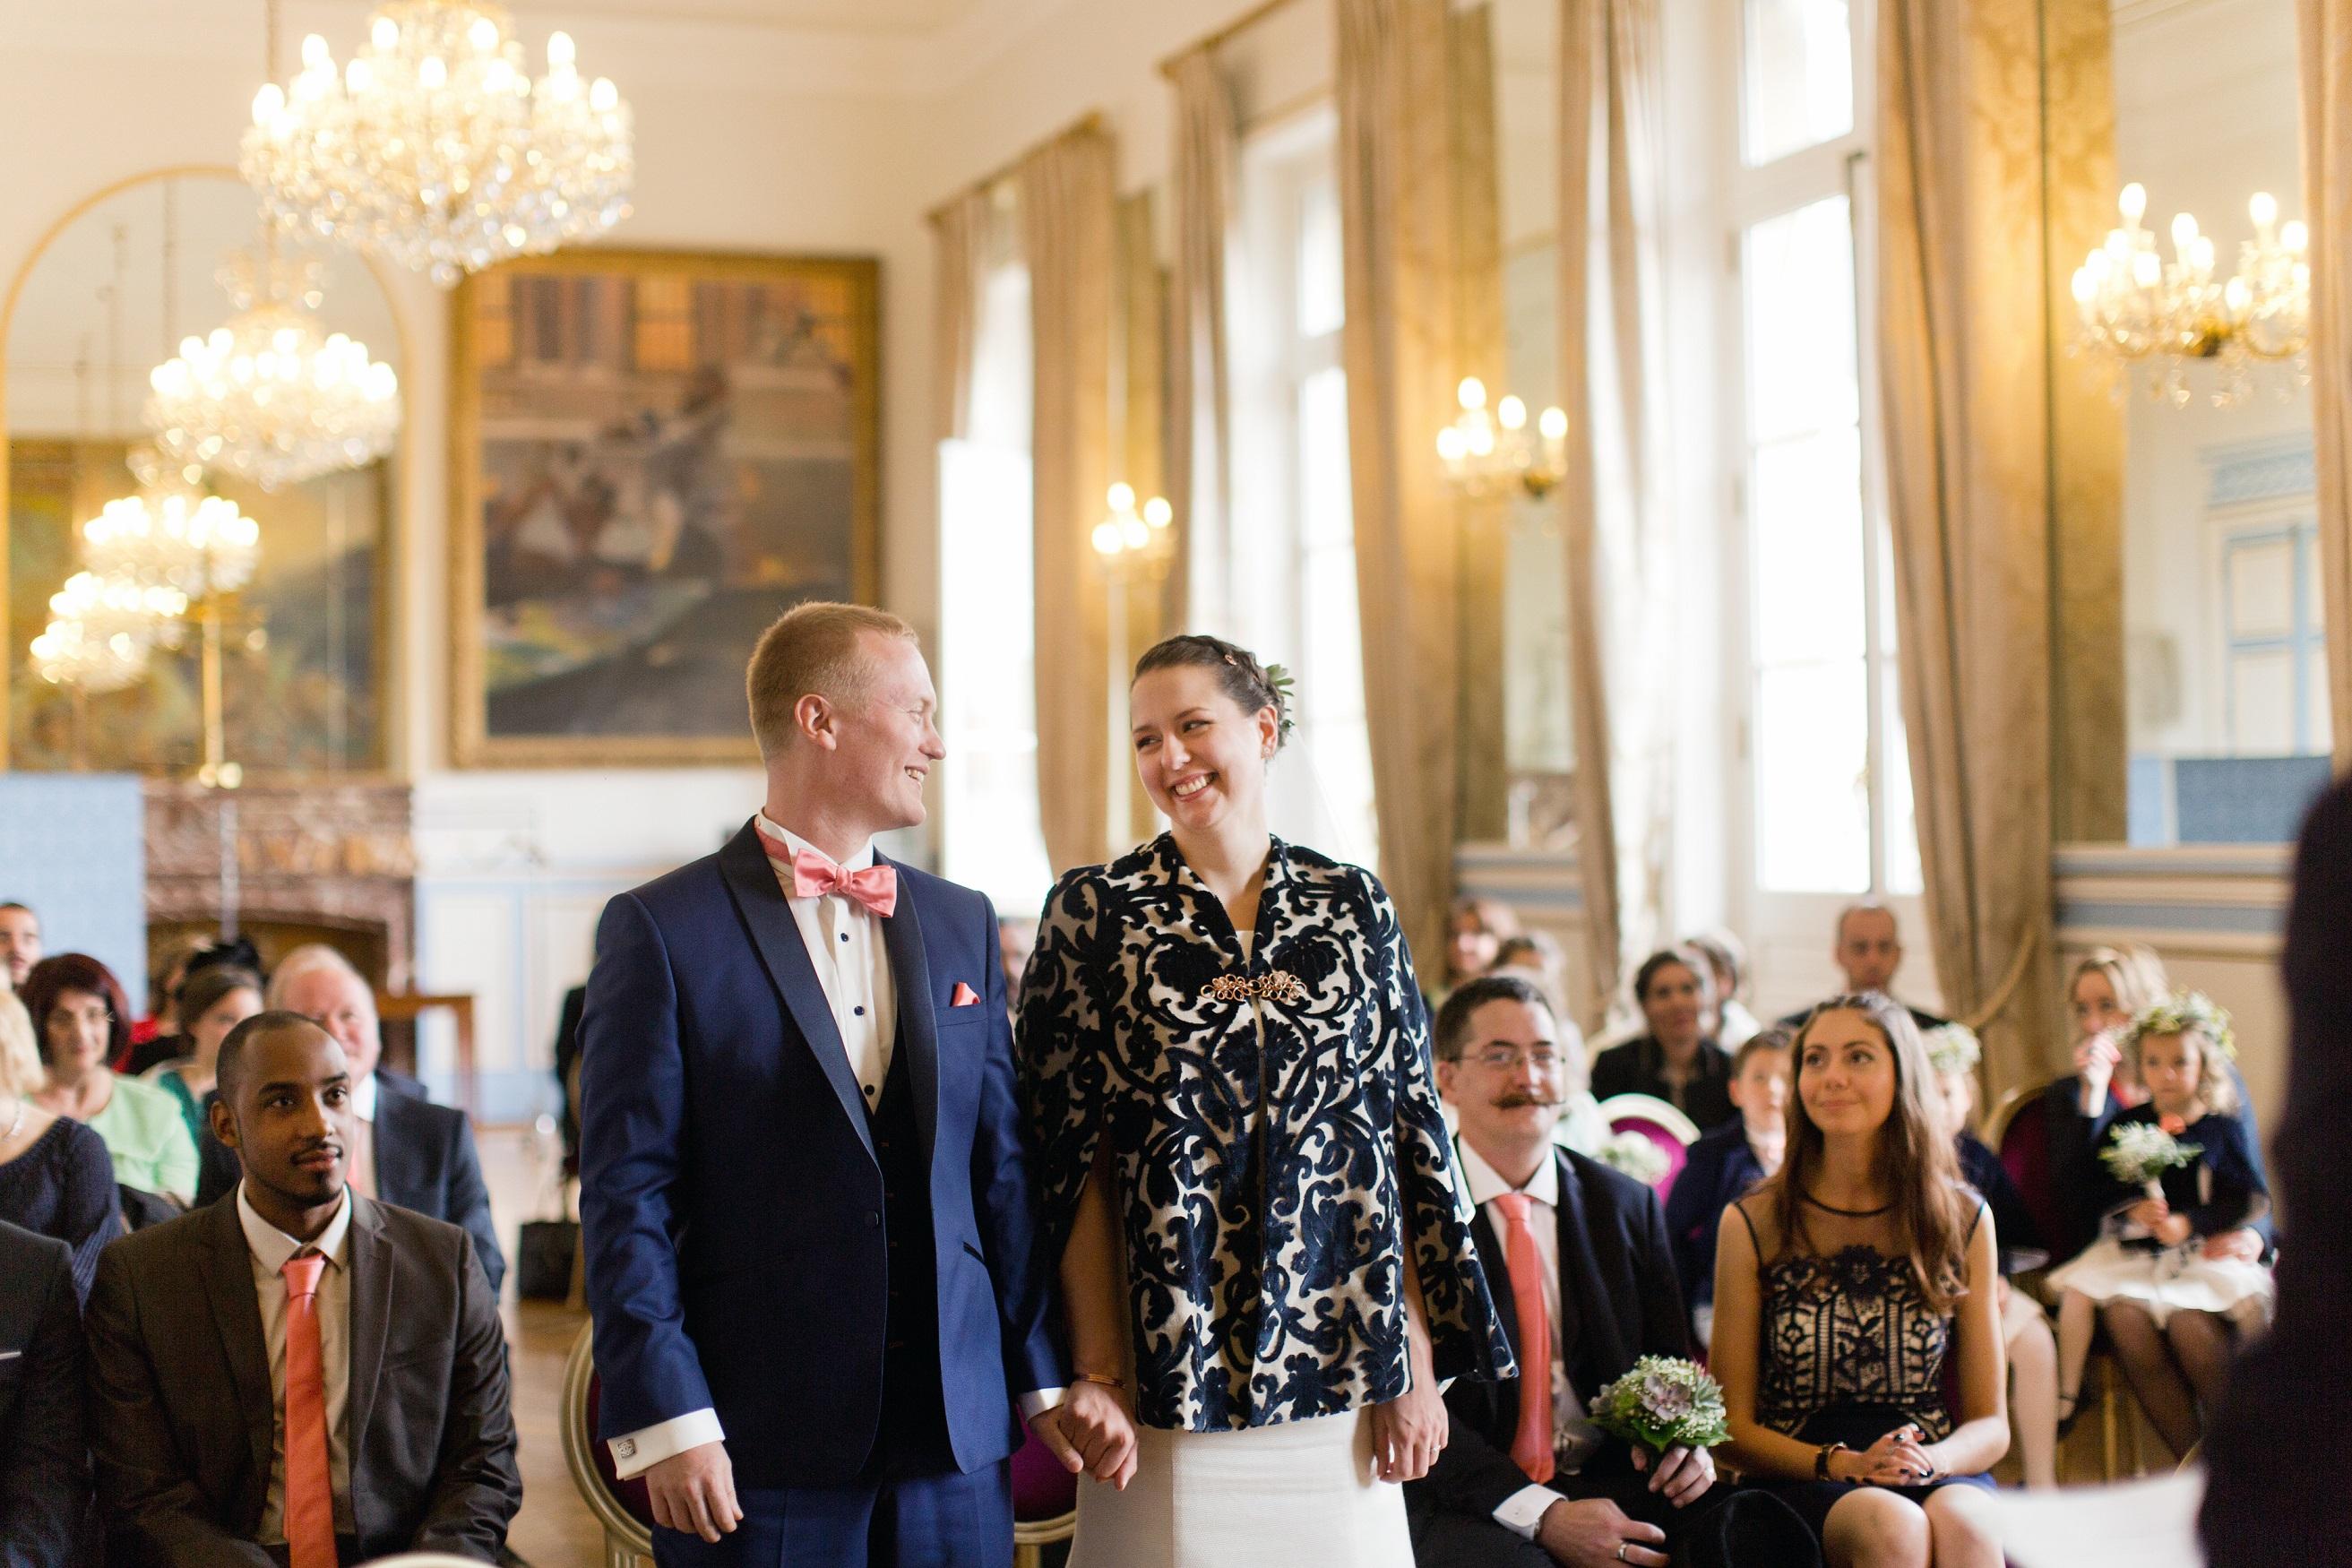 Mon mariage bilingue en cuivre et succulentes : c'est l'heure d'aller rendre visite à Monsieur le Maire